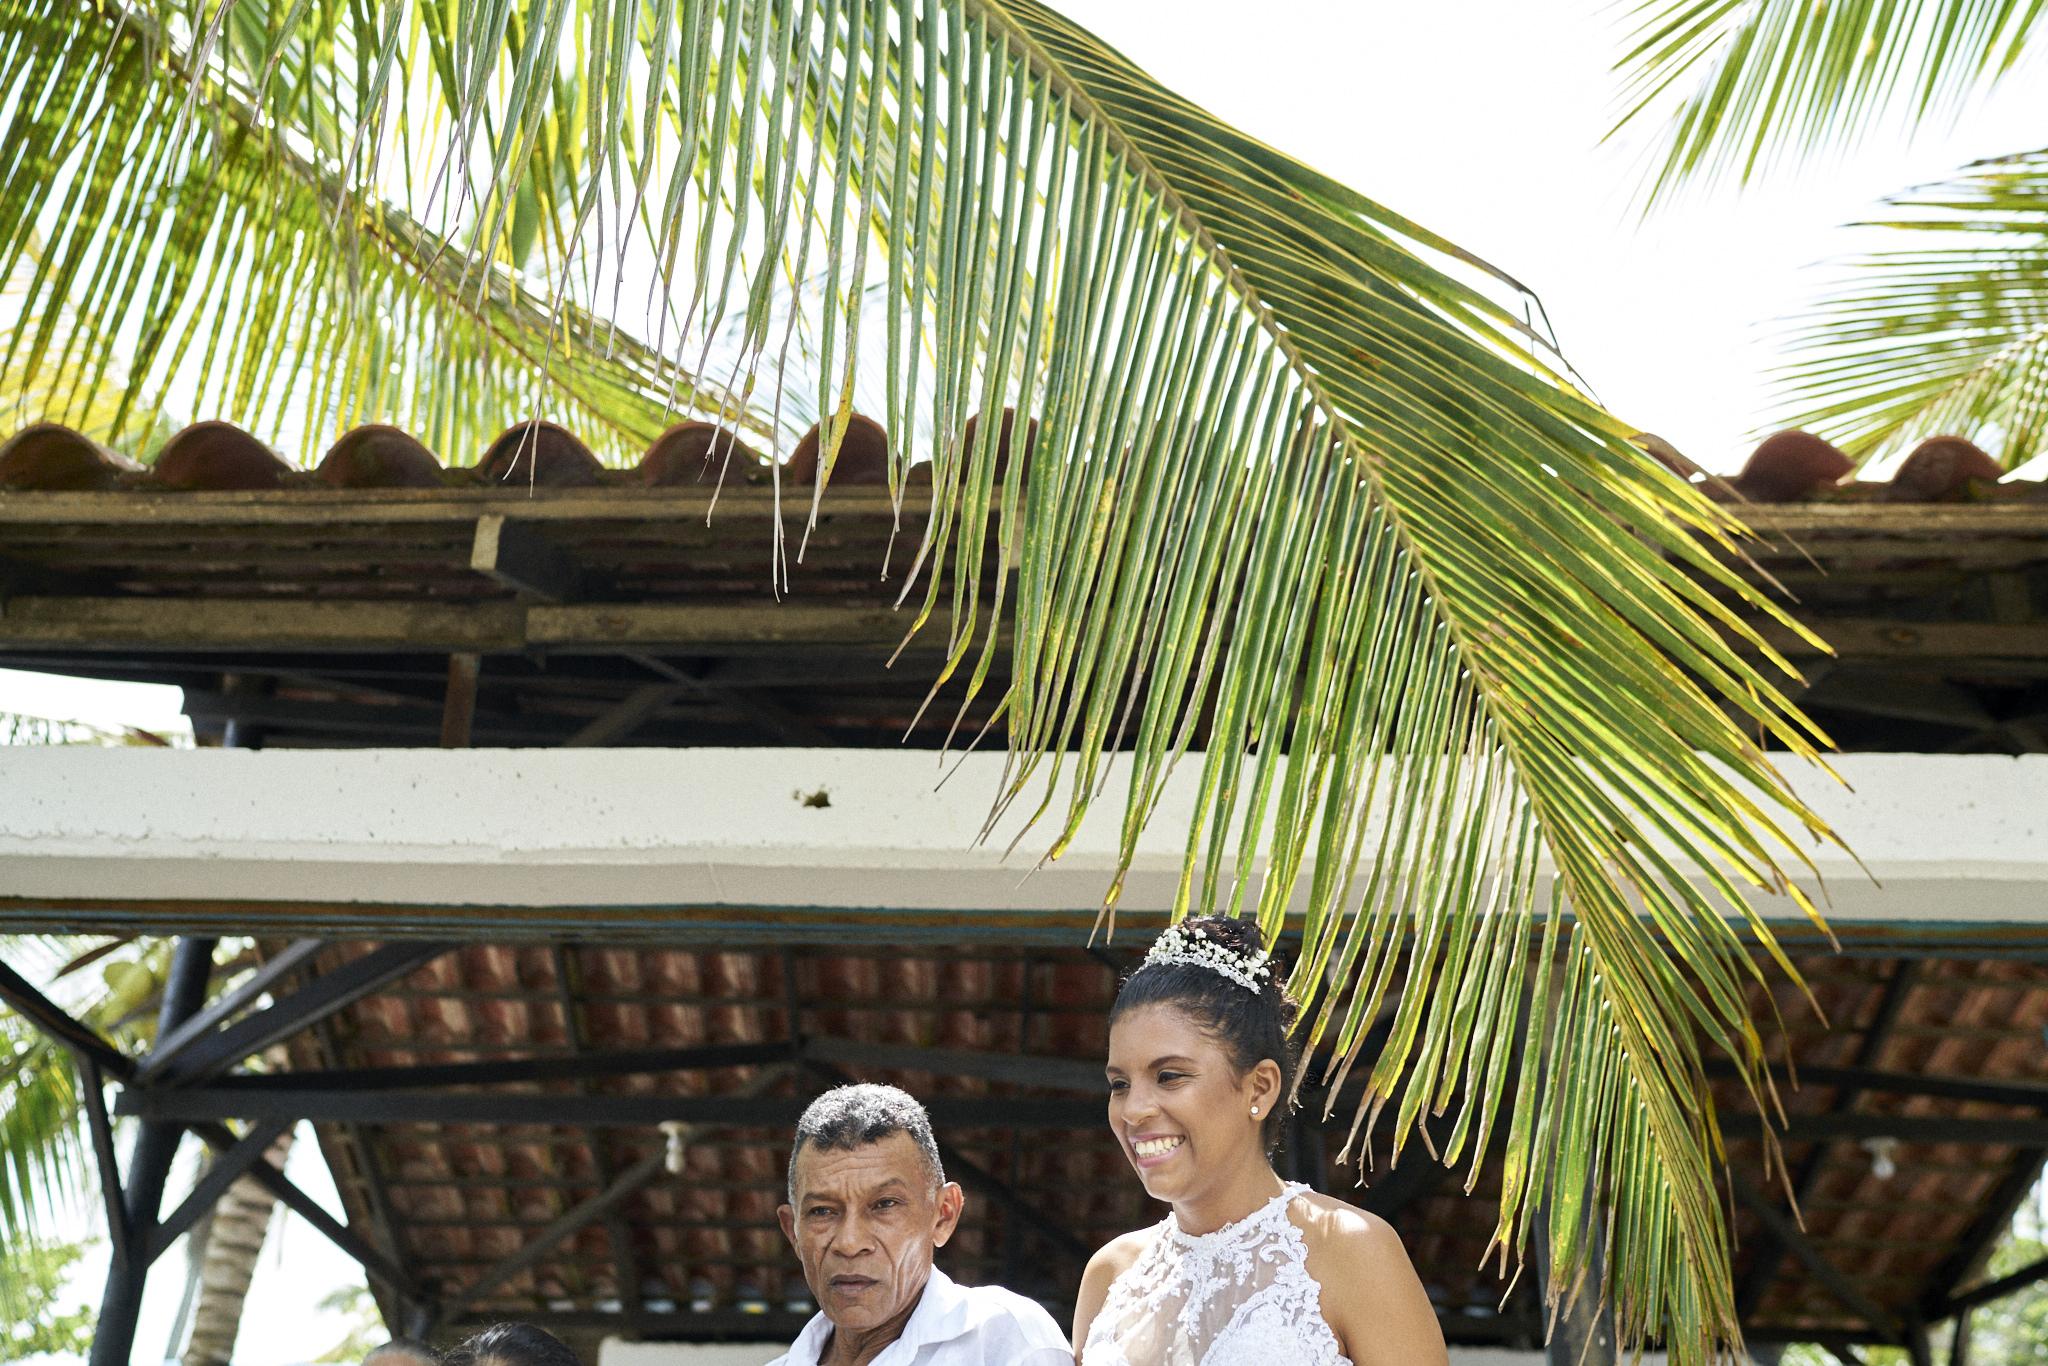 17 Fotografo de Bodas Colombia ArgentinaLME09623.jpg